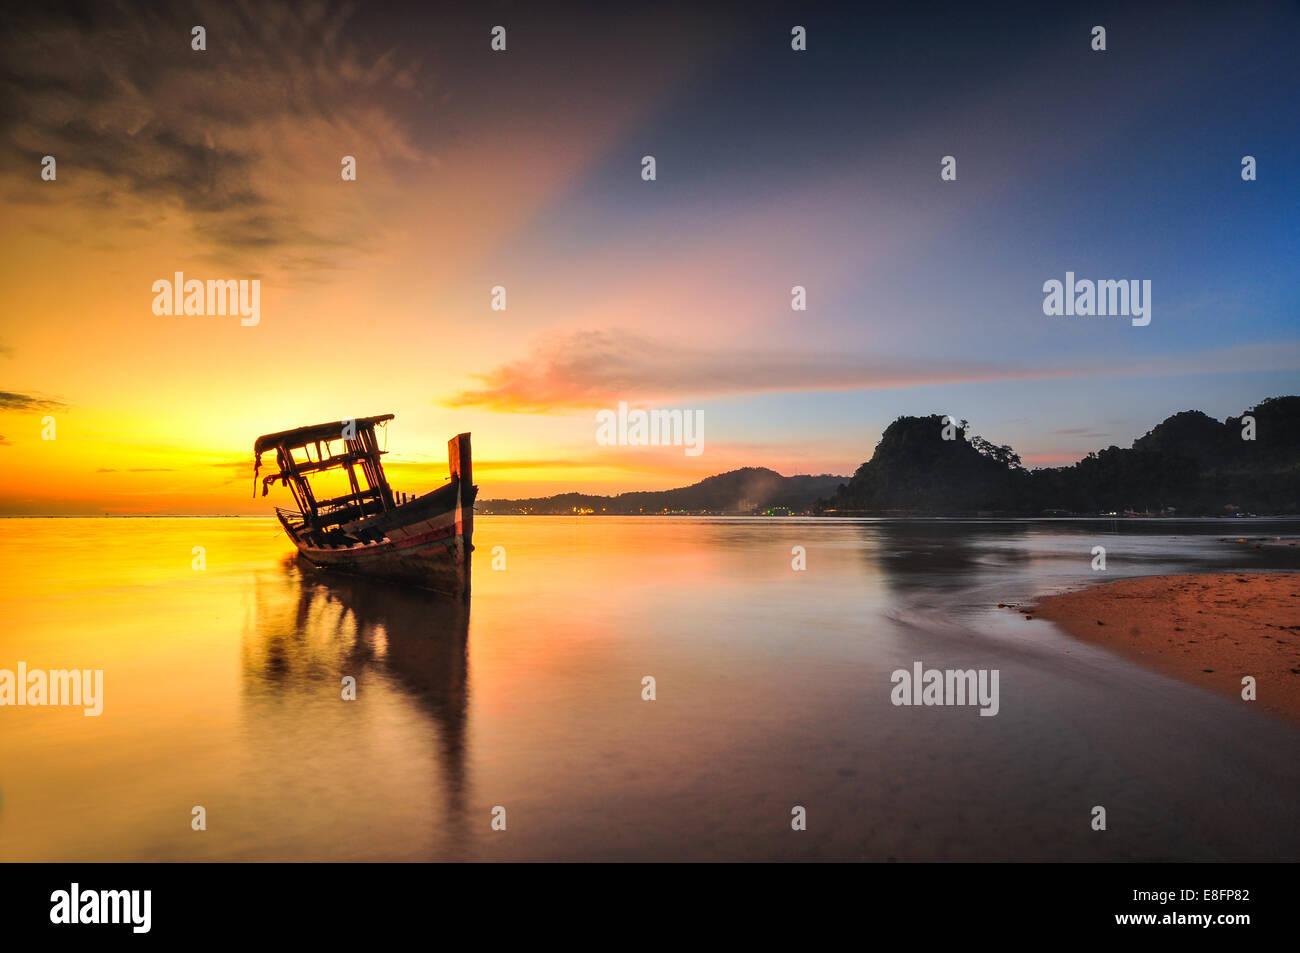 Cambodge, vue sur mer à l'aube sur tongkang Photo Stock